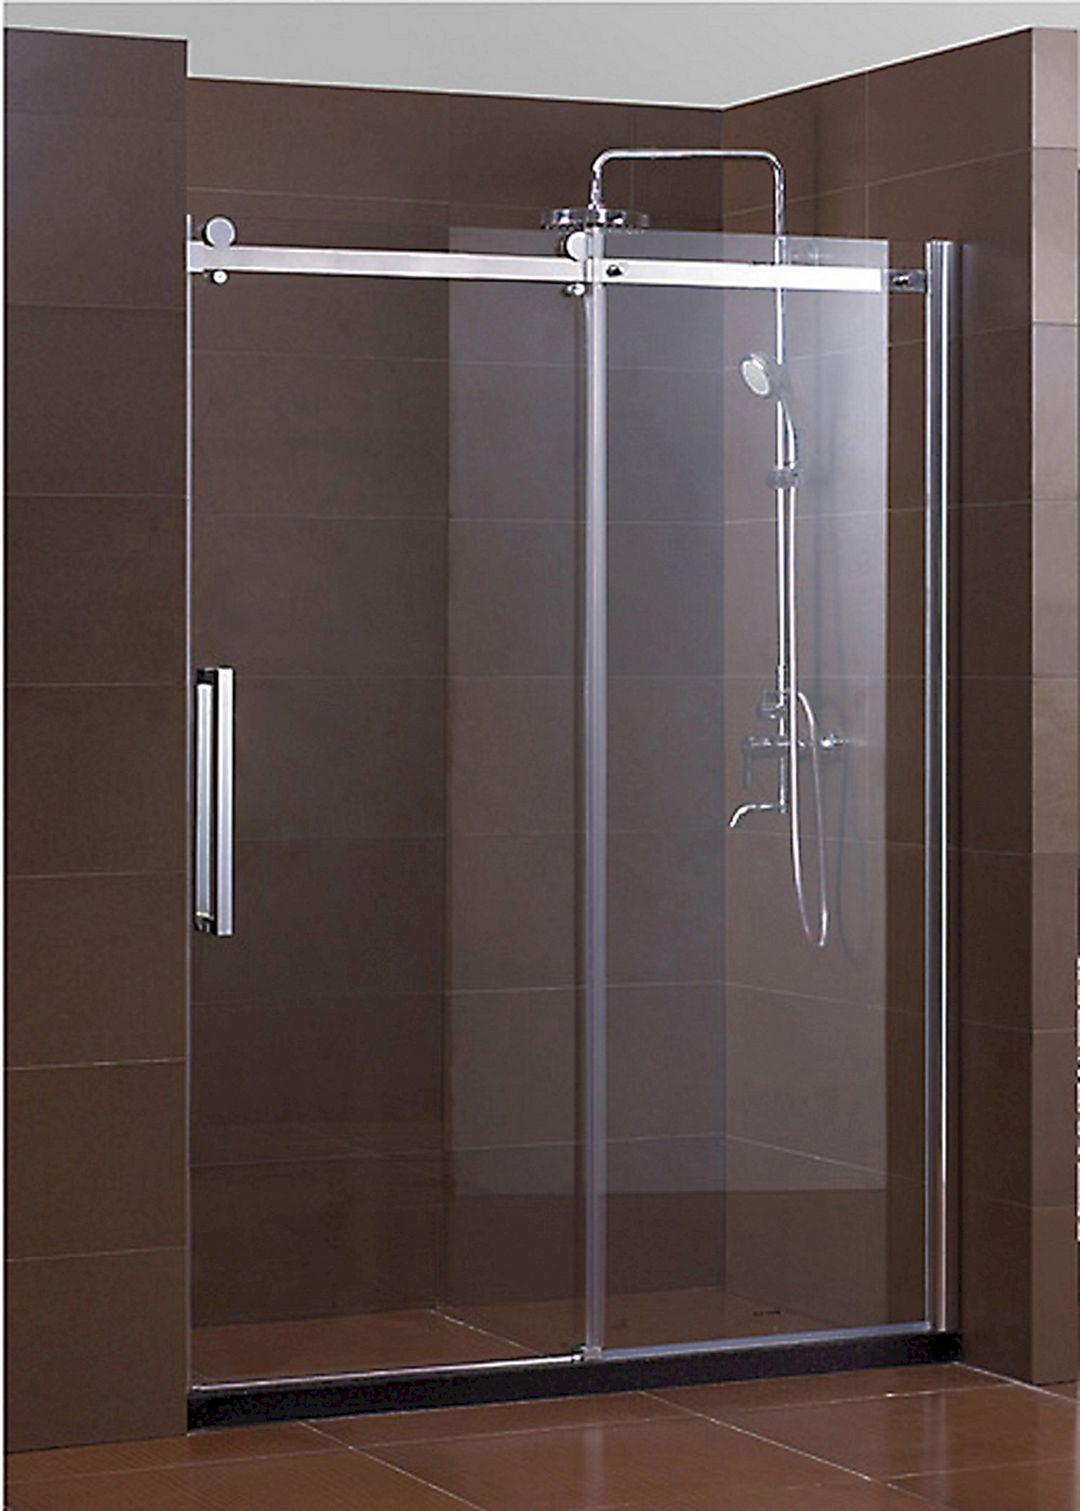 23 Most Popular Bathroom Sliding Shower Door For Amazing Bathroom